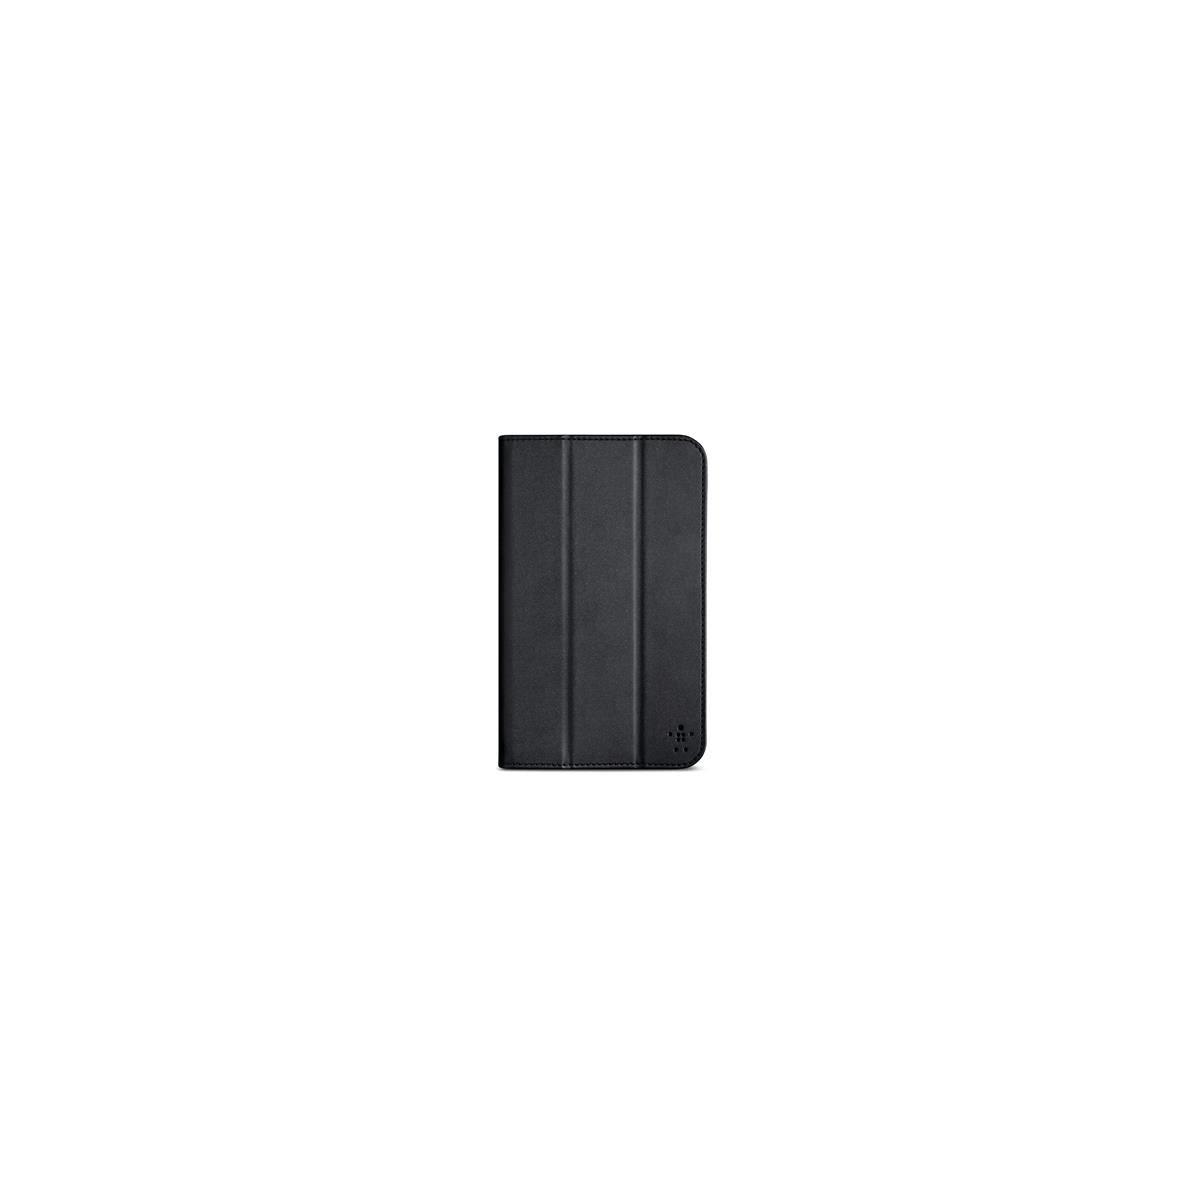 Folio belkin galaxy tab pro 10 noir - 20% de remise immédiate avec le code : multi20 (photo)